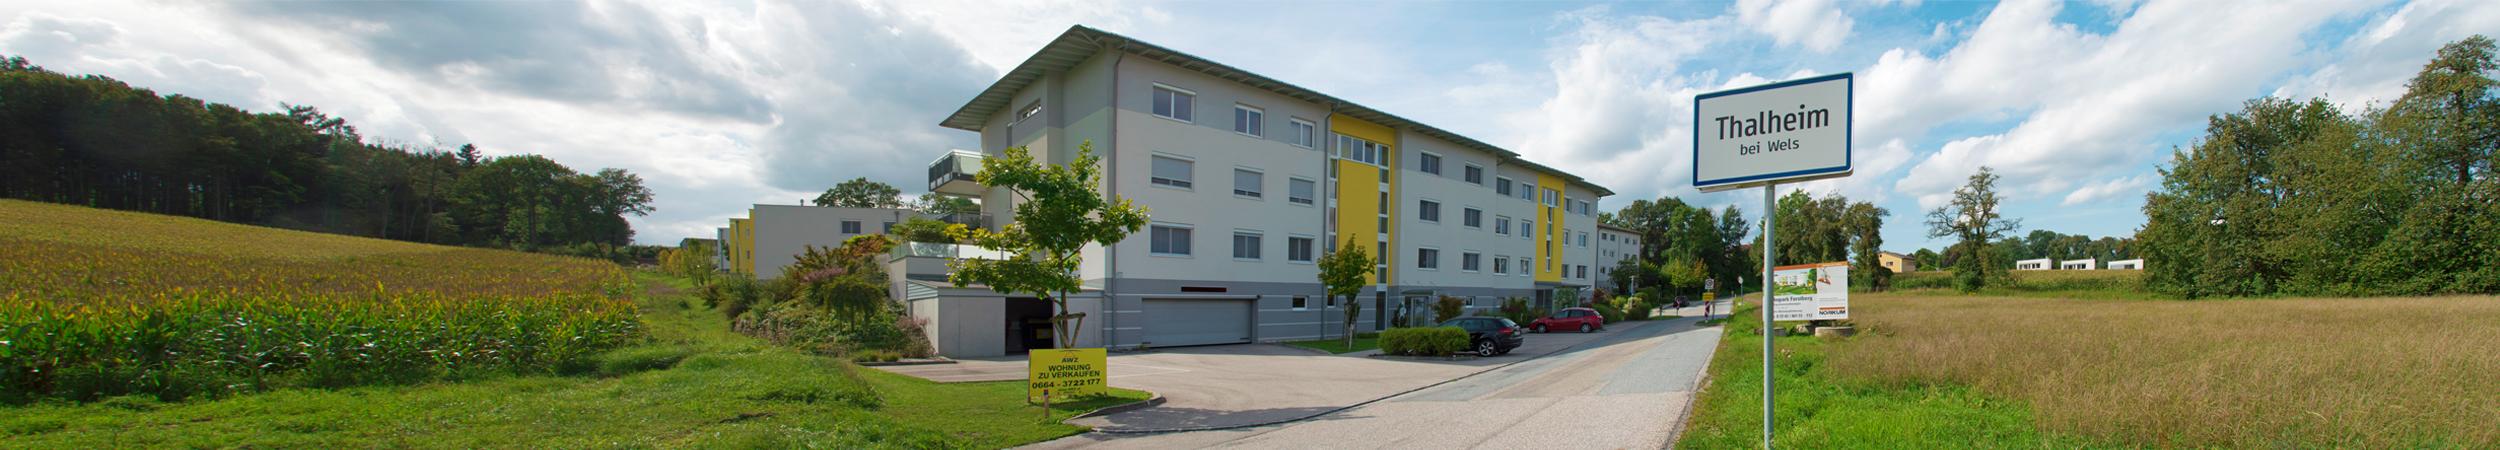 Thalheim Ris Kommunal Startseite Leben In Thalheim Bauen Und Wohnen Wohnen In Thalheim